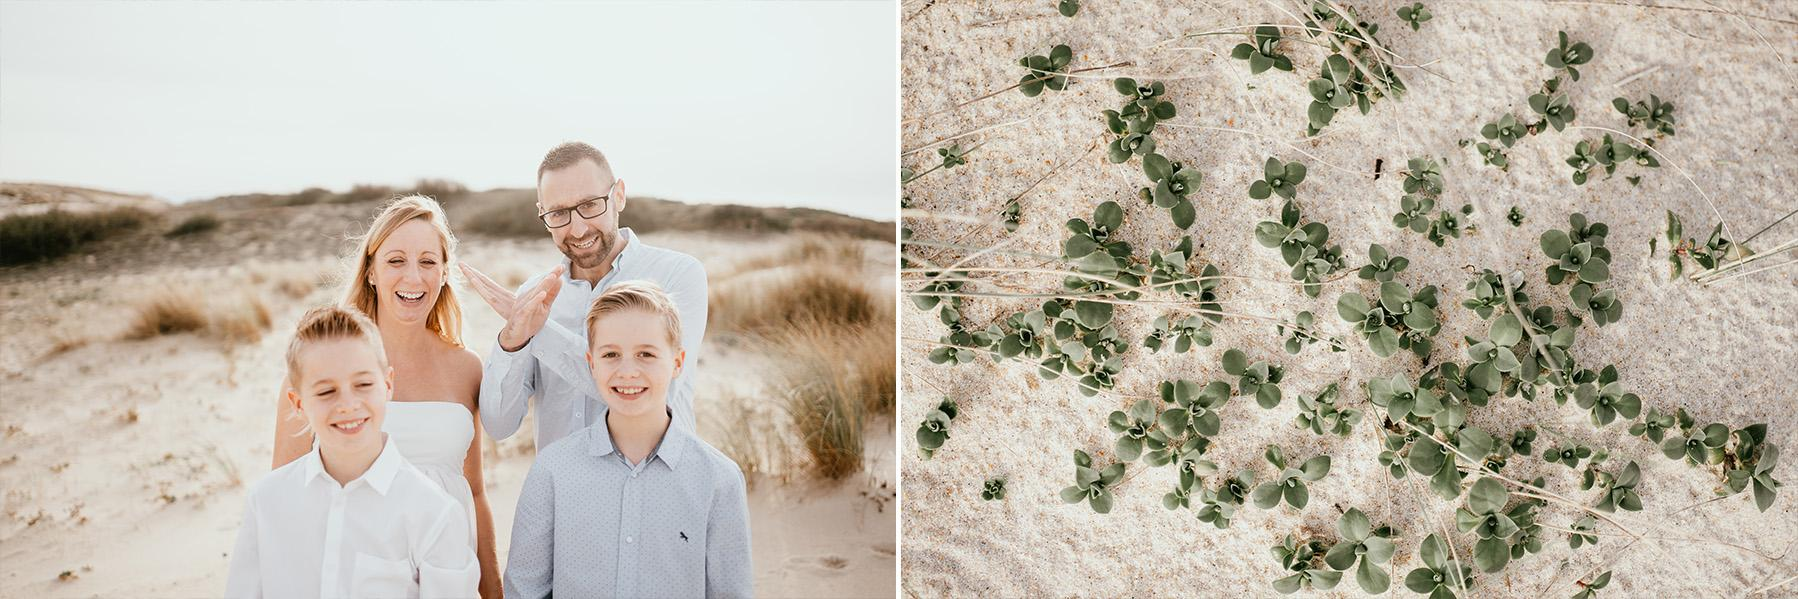 Photographe grossesse landes plage famille capbreton 2